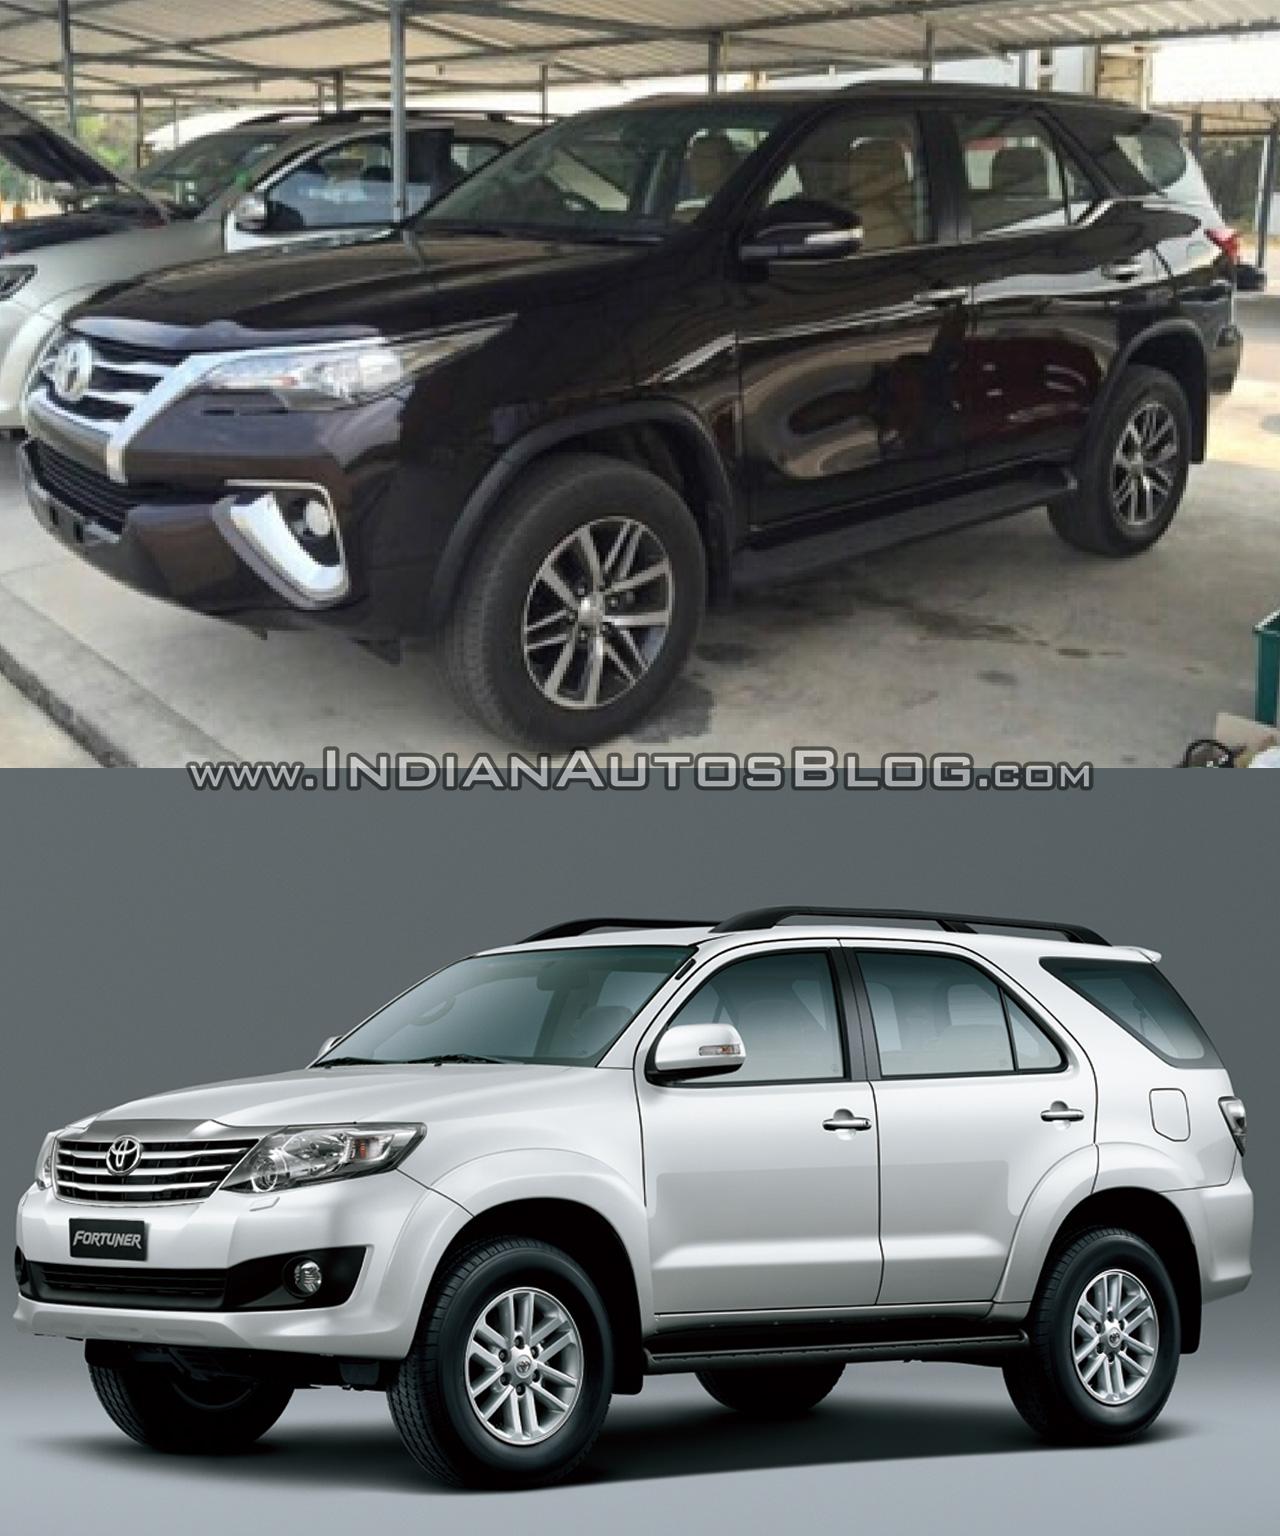 2016 Toyota Fortuner side vs older model